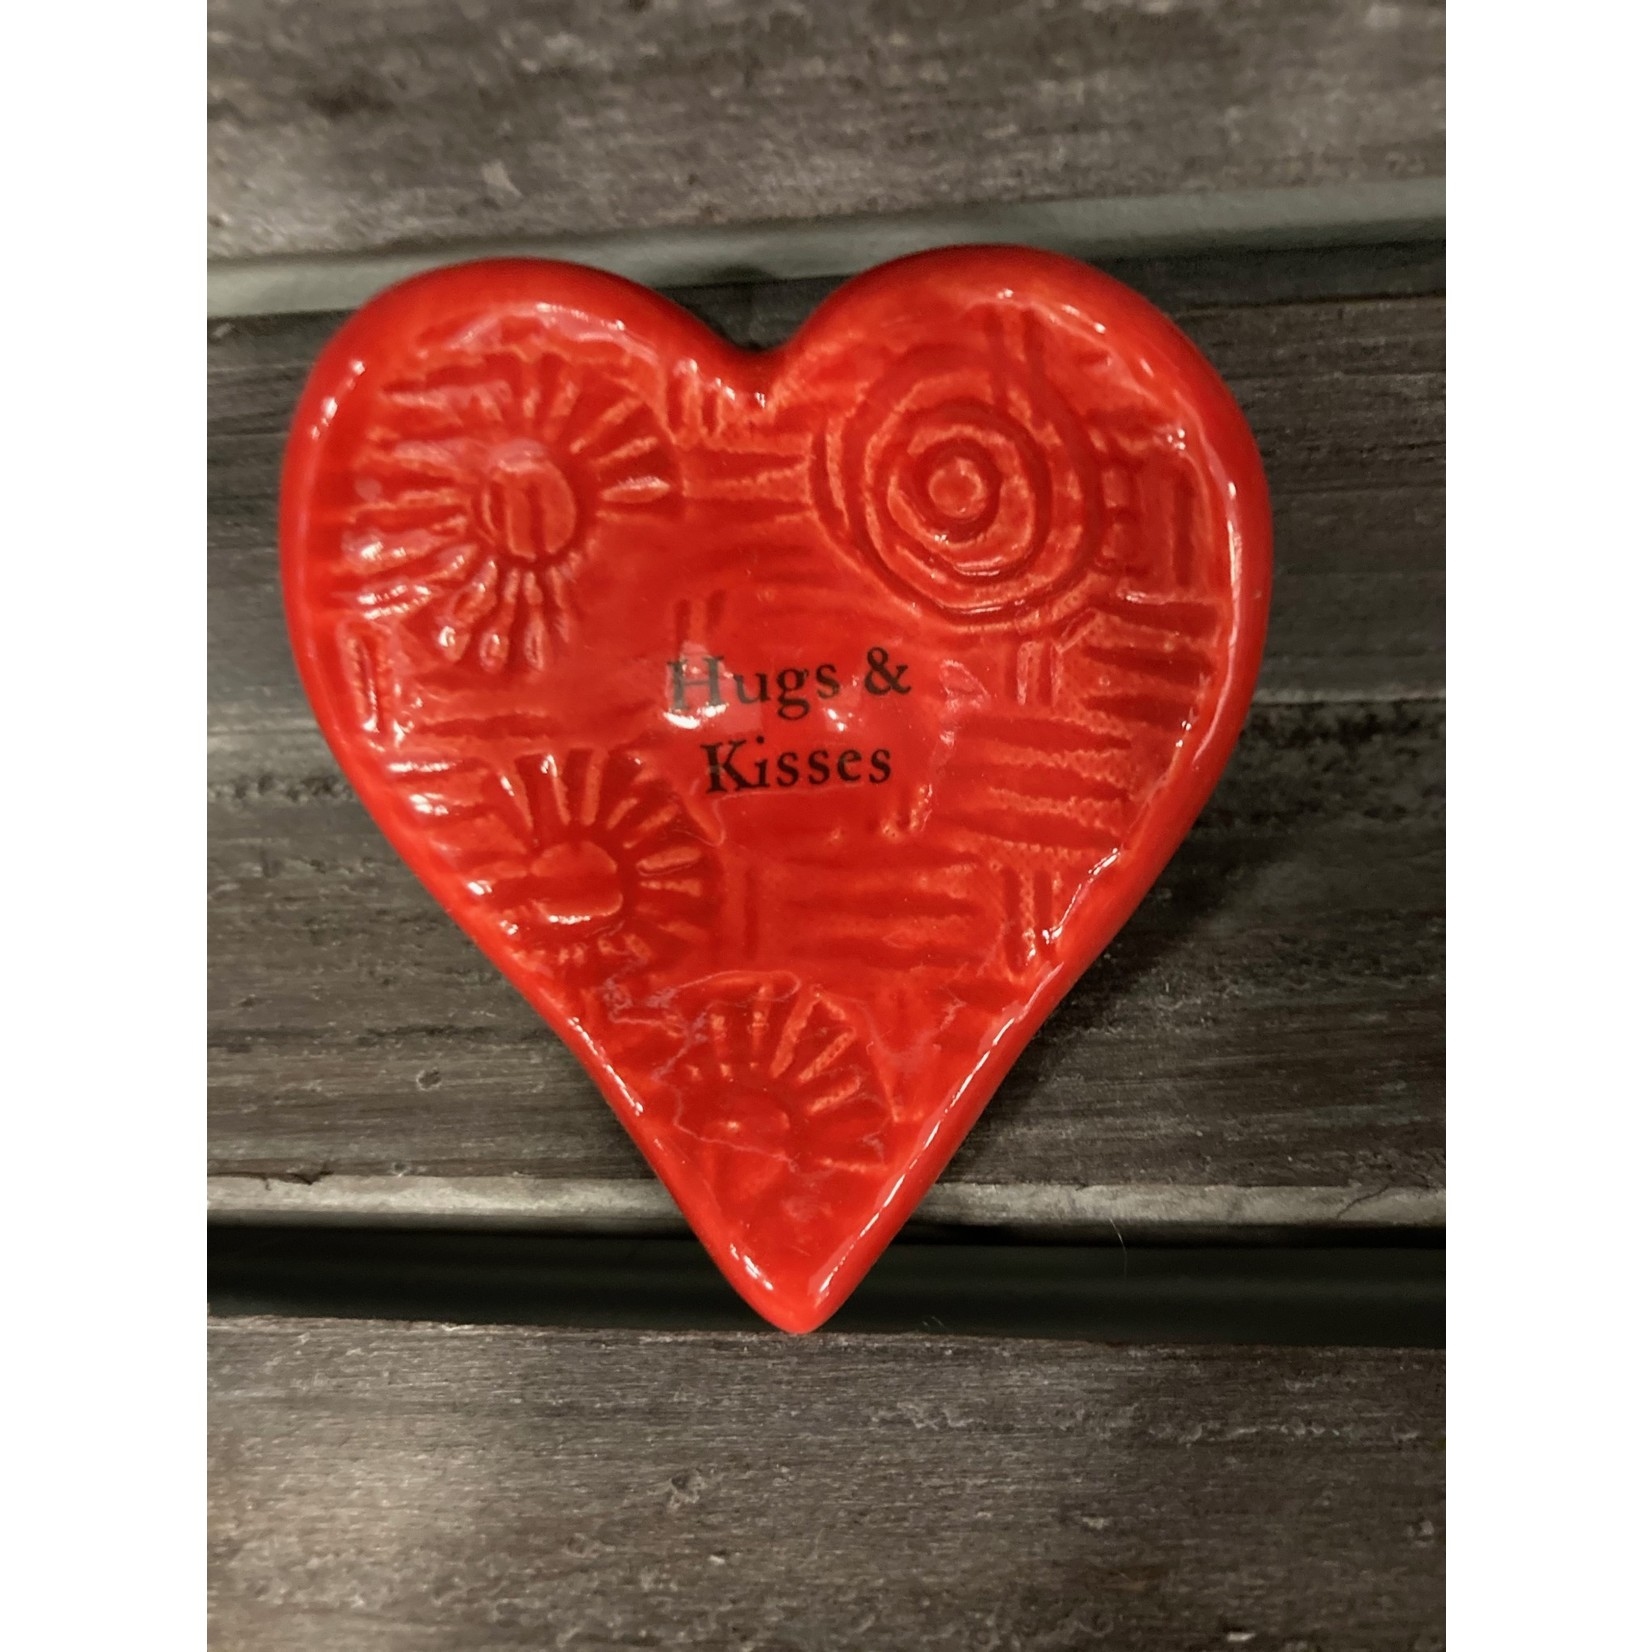 Lorraine Oerth Lorraine Oerth Heart Bowl Hugs & Kisses